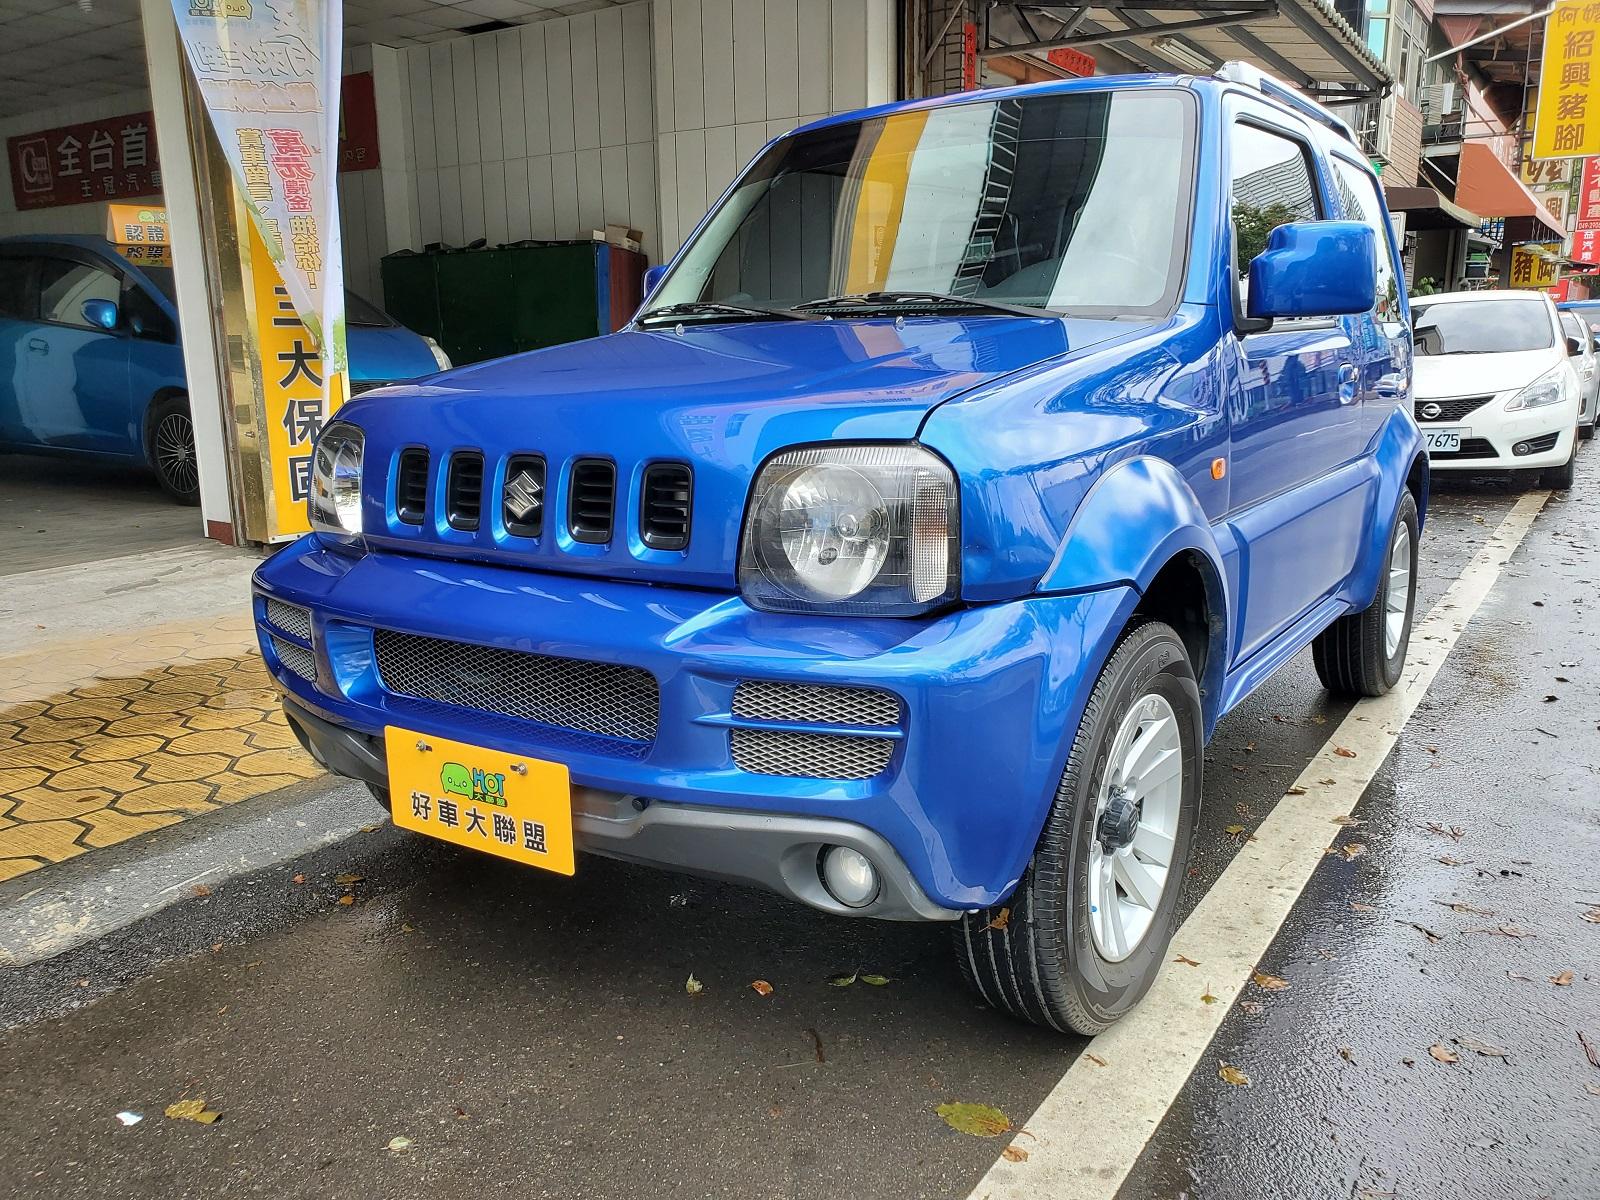 Suzuki 鈴木 2011 Jimny